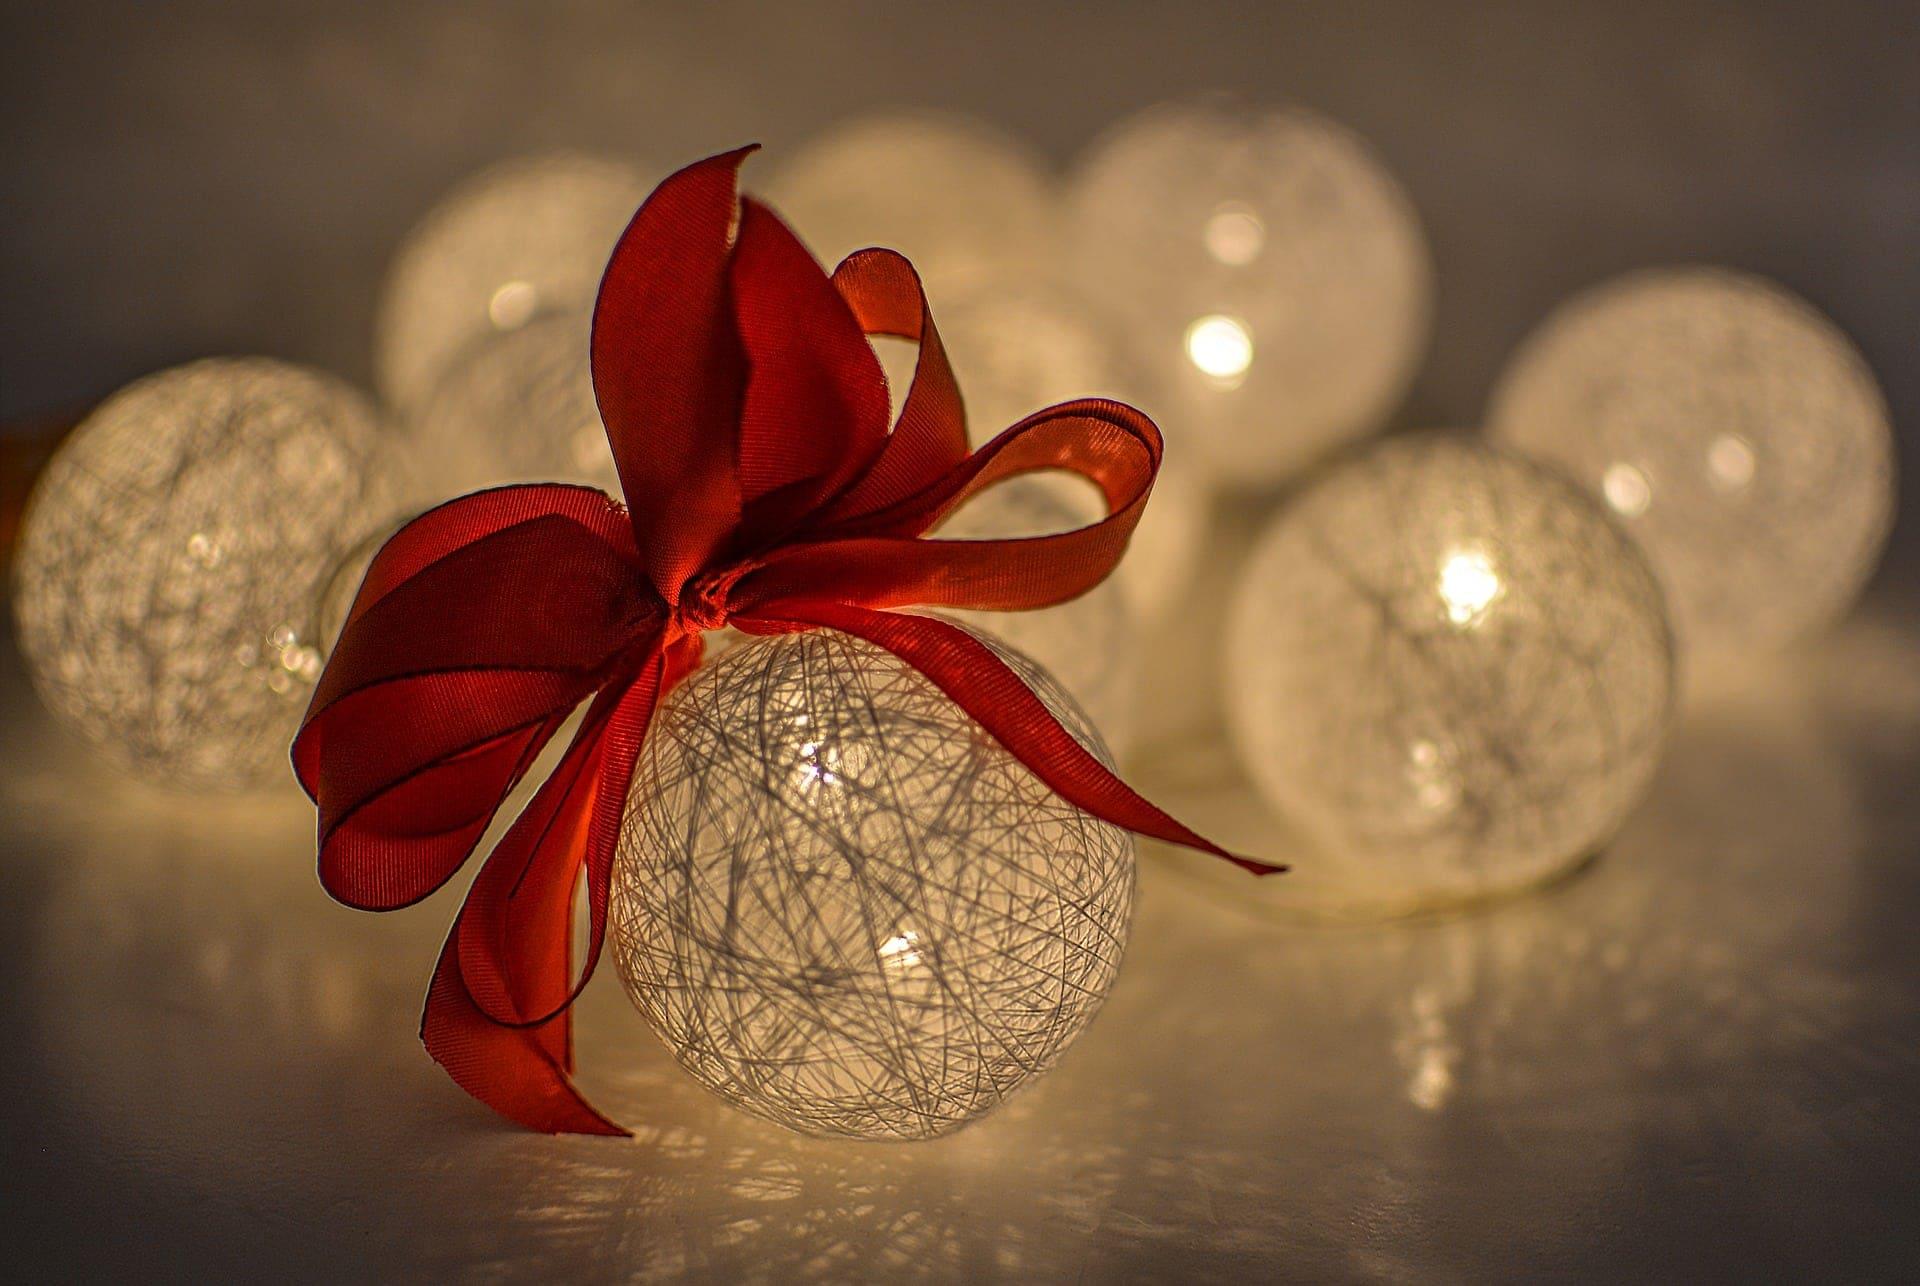 Esta Navidad descubre la magia que hay en ti